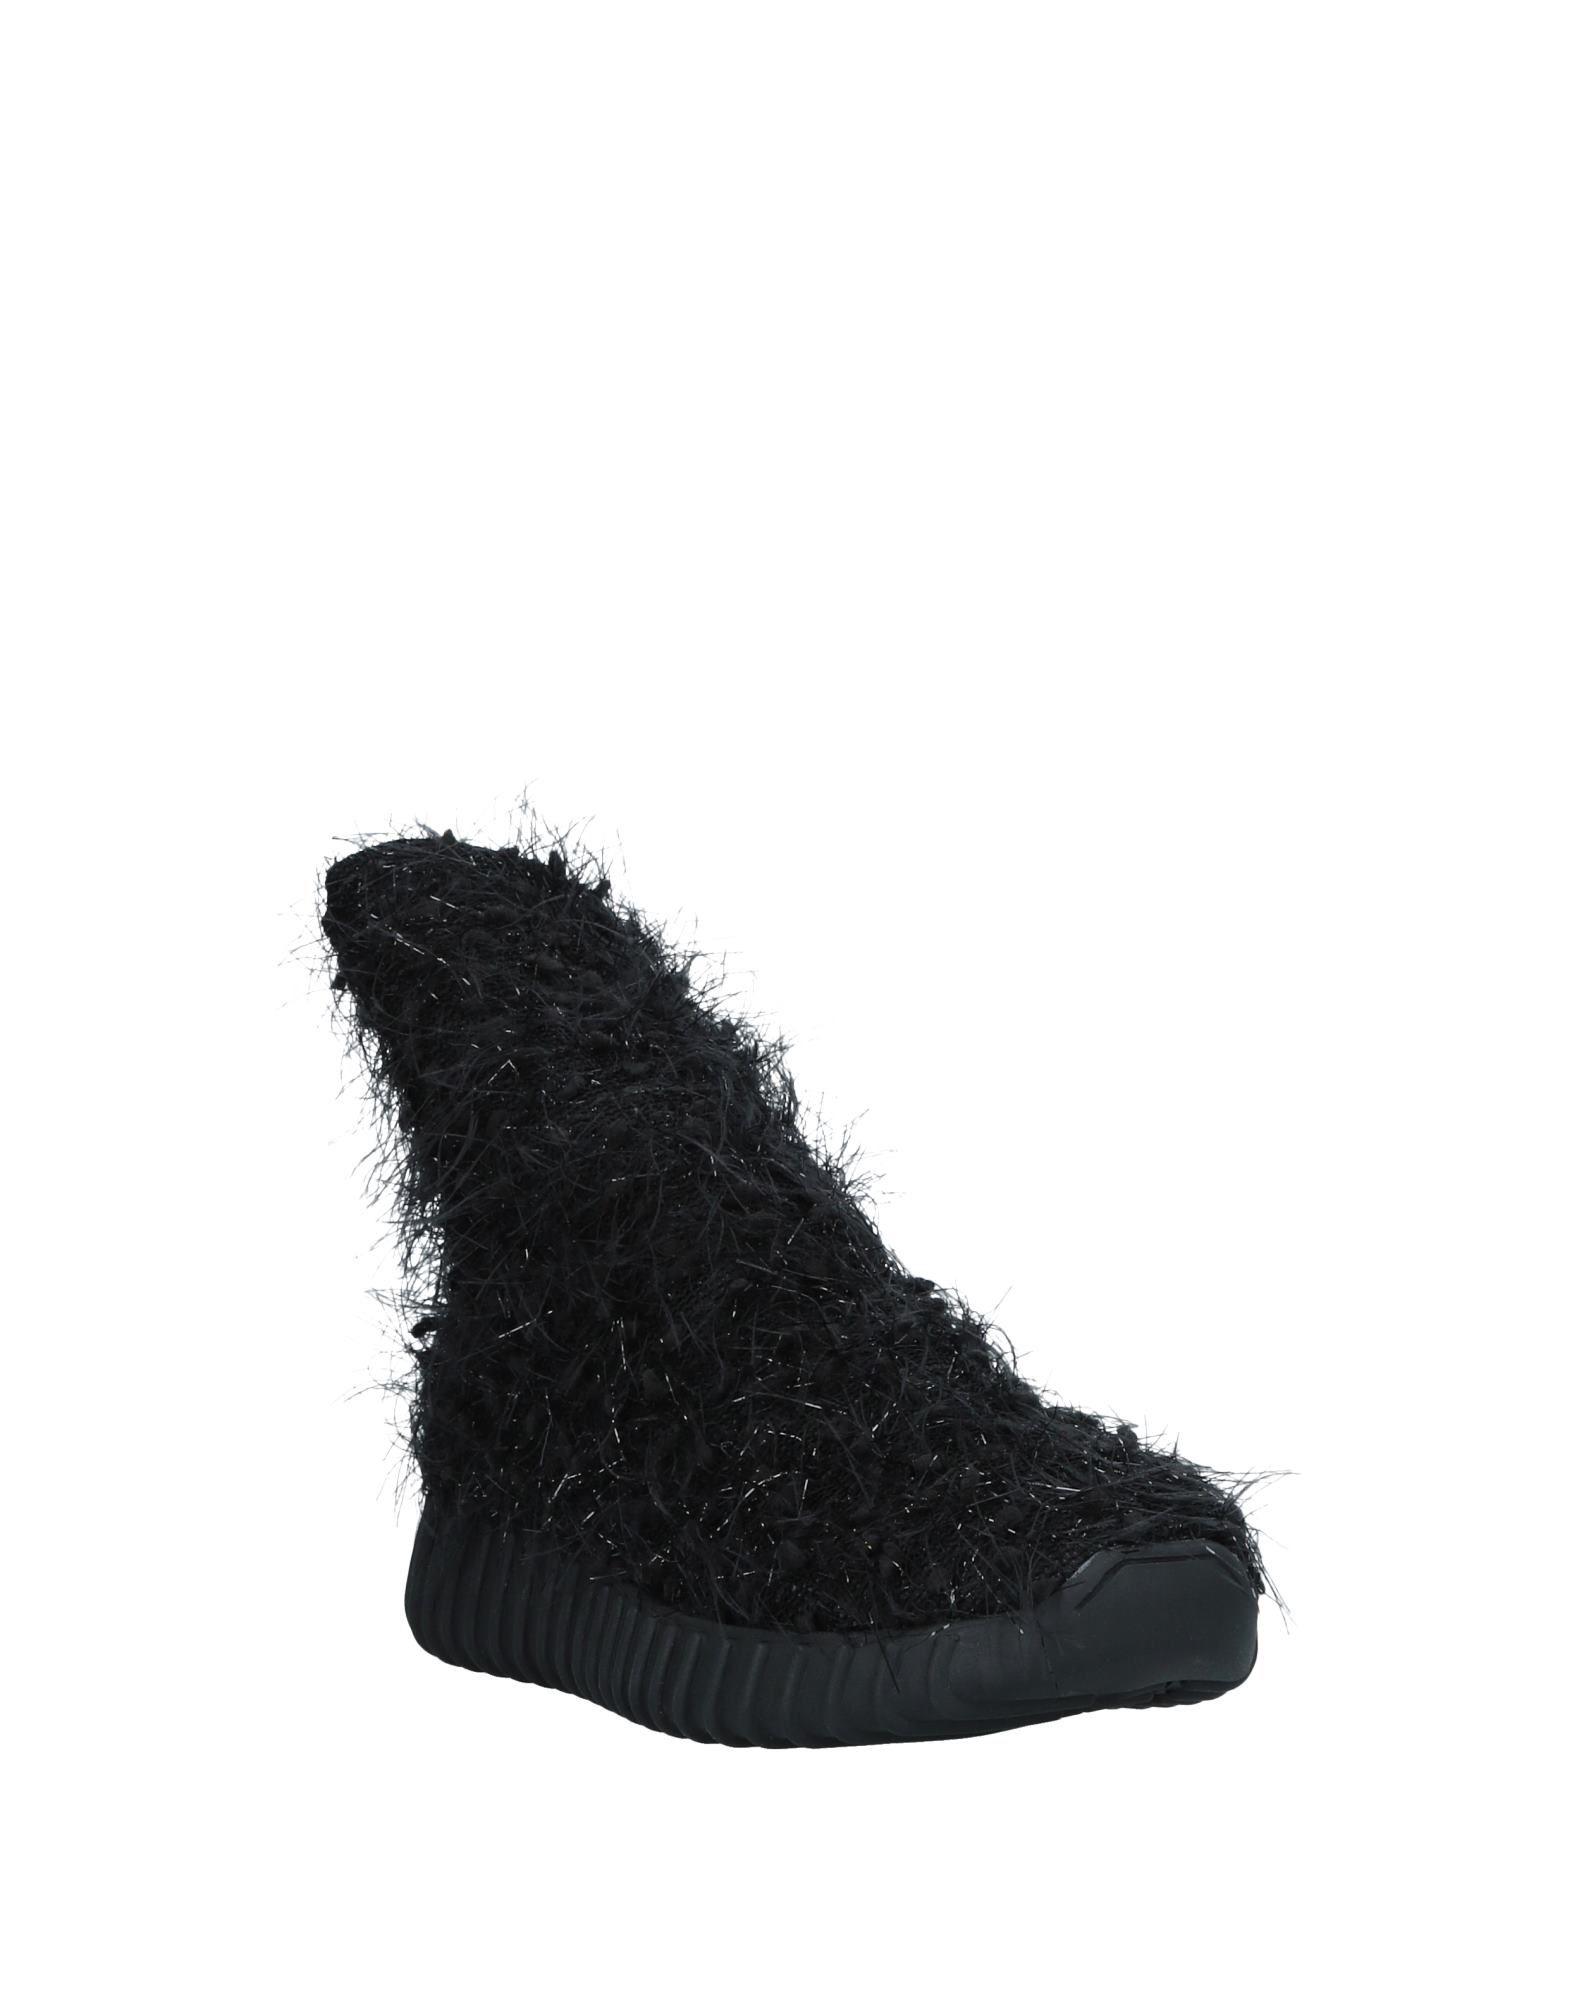 Gut tragenLe um billige Schuhe zu tragenLe Gut Pepite Stiefelette Damen  11528381GI 31adf5